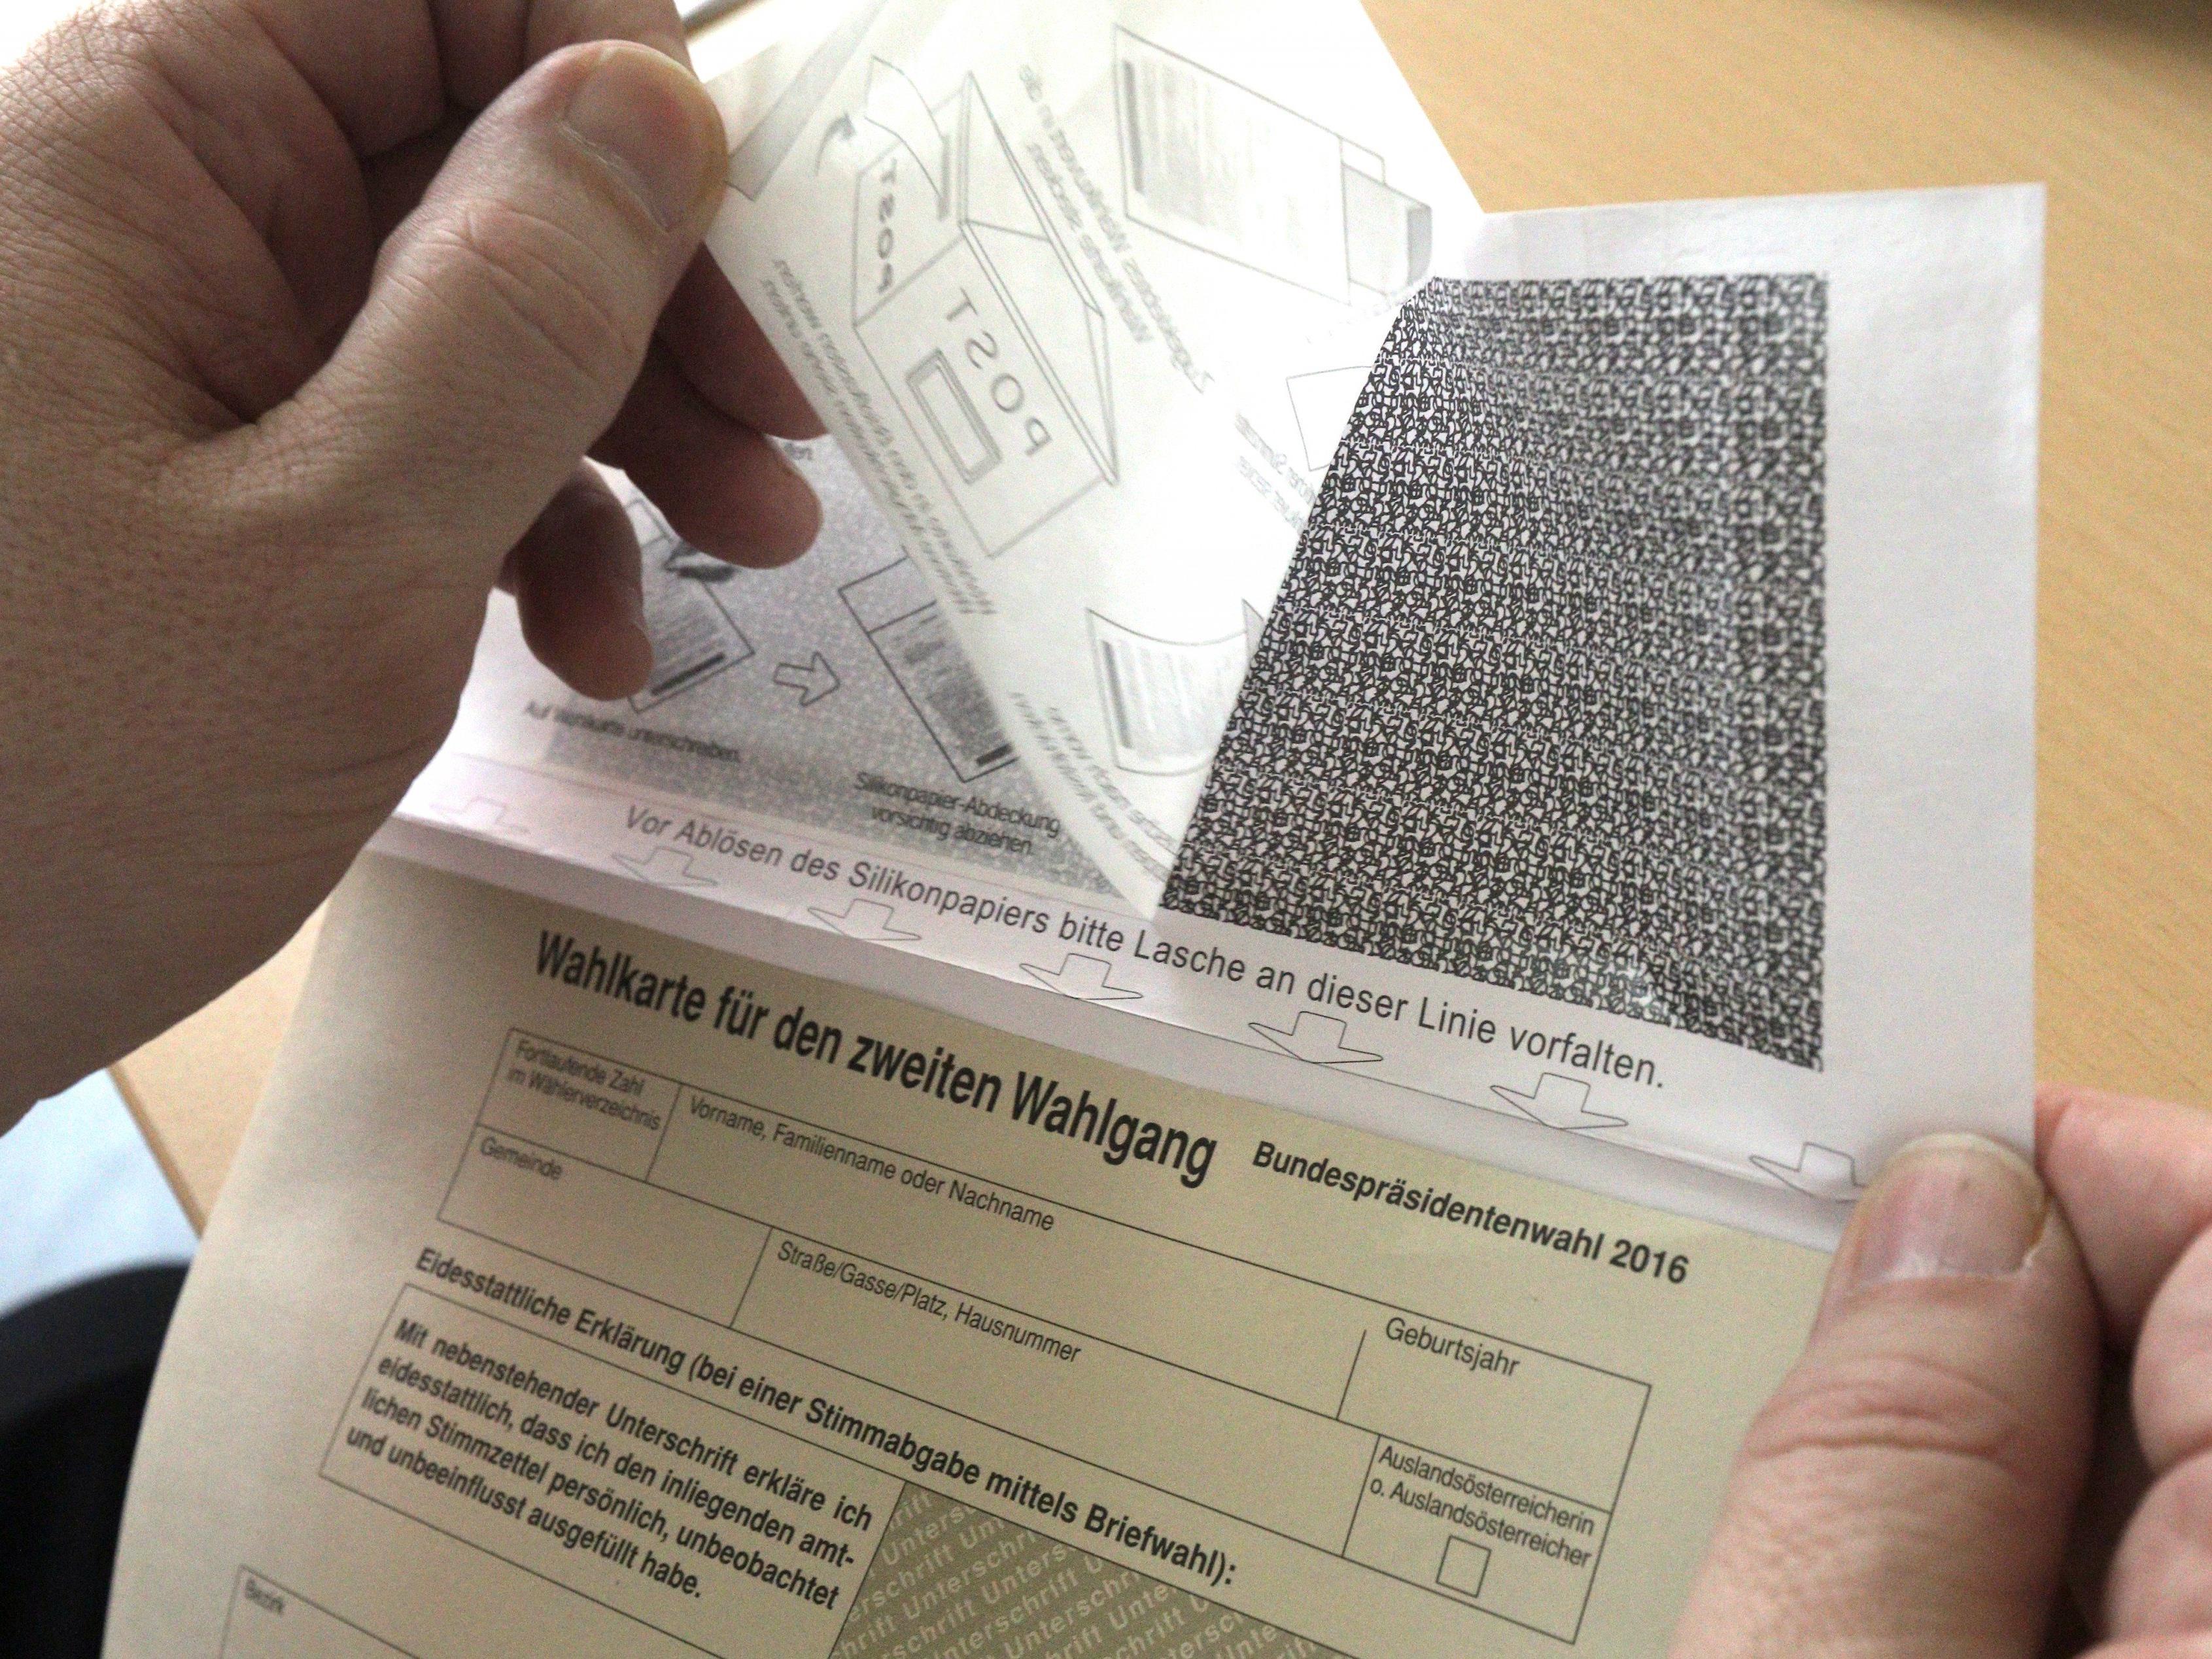 Stichprobenartige Überprüfungen brachten keine weiteren fehlerhaften Wahlkarten ans Licht.a